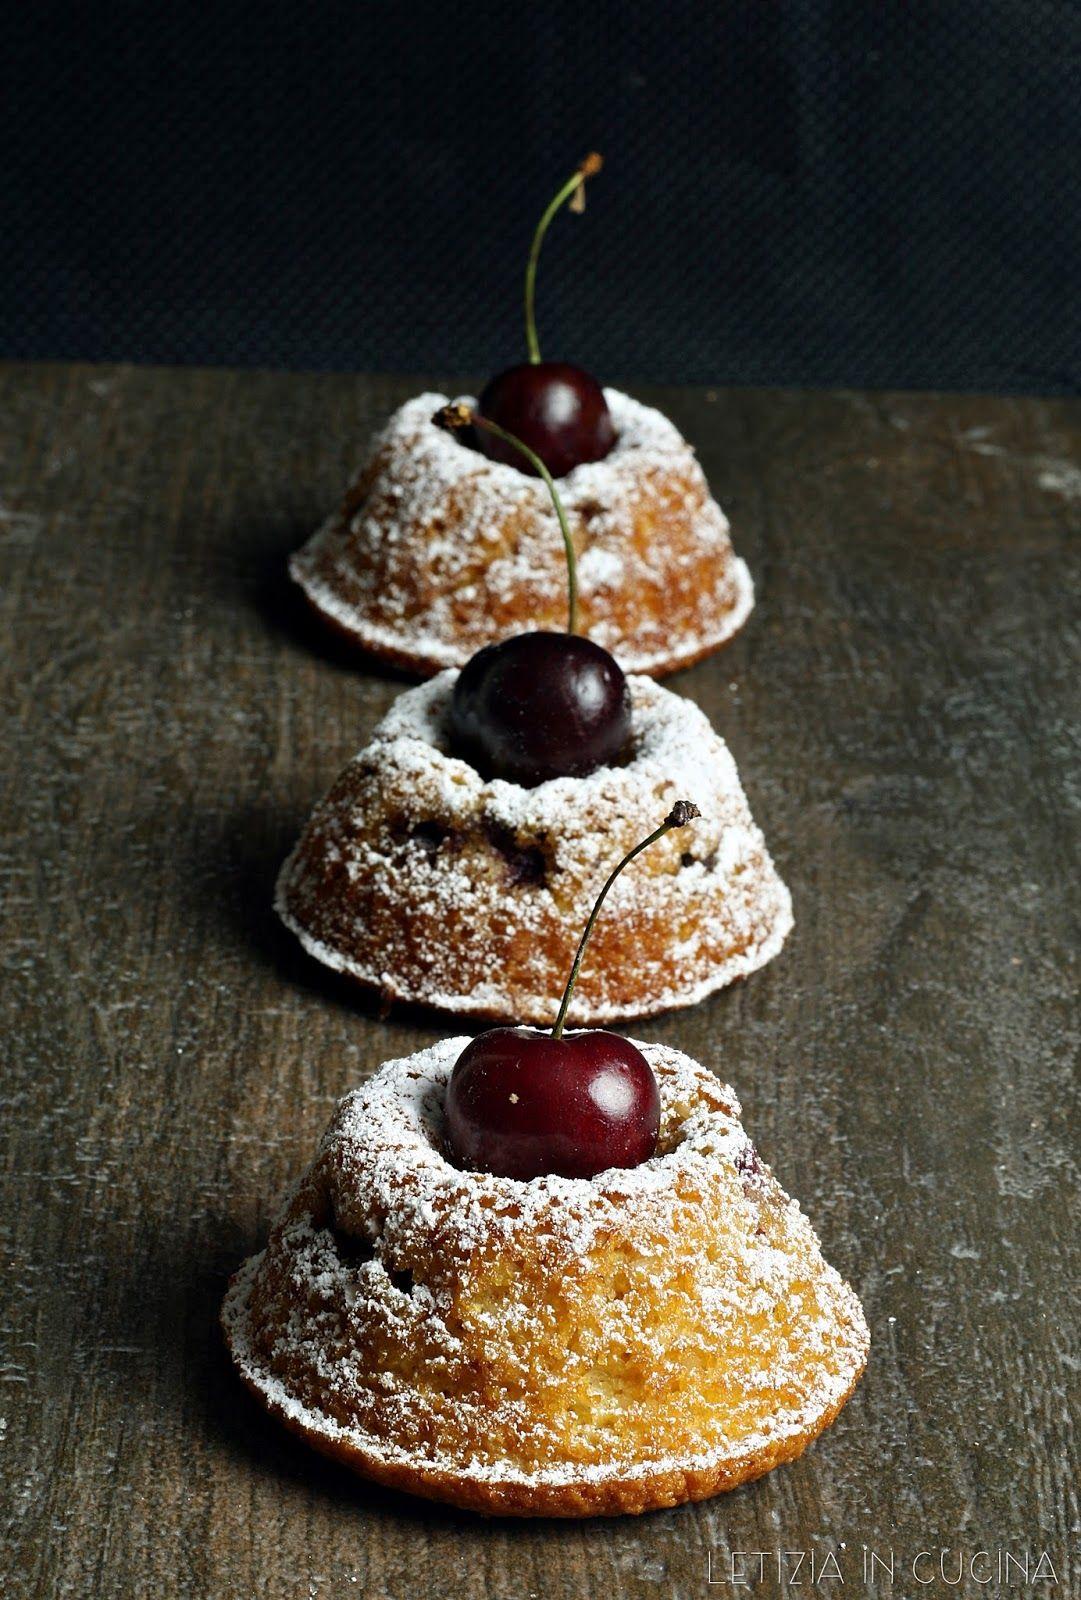 Letizia in Cucina: Tortine con ciliegie, mandorle e miele | torte ...